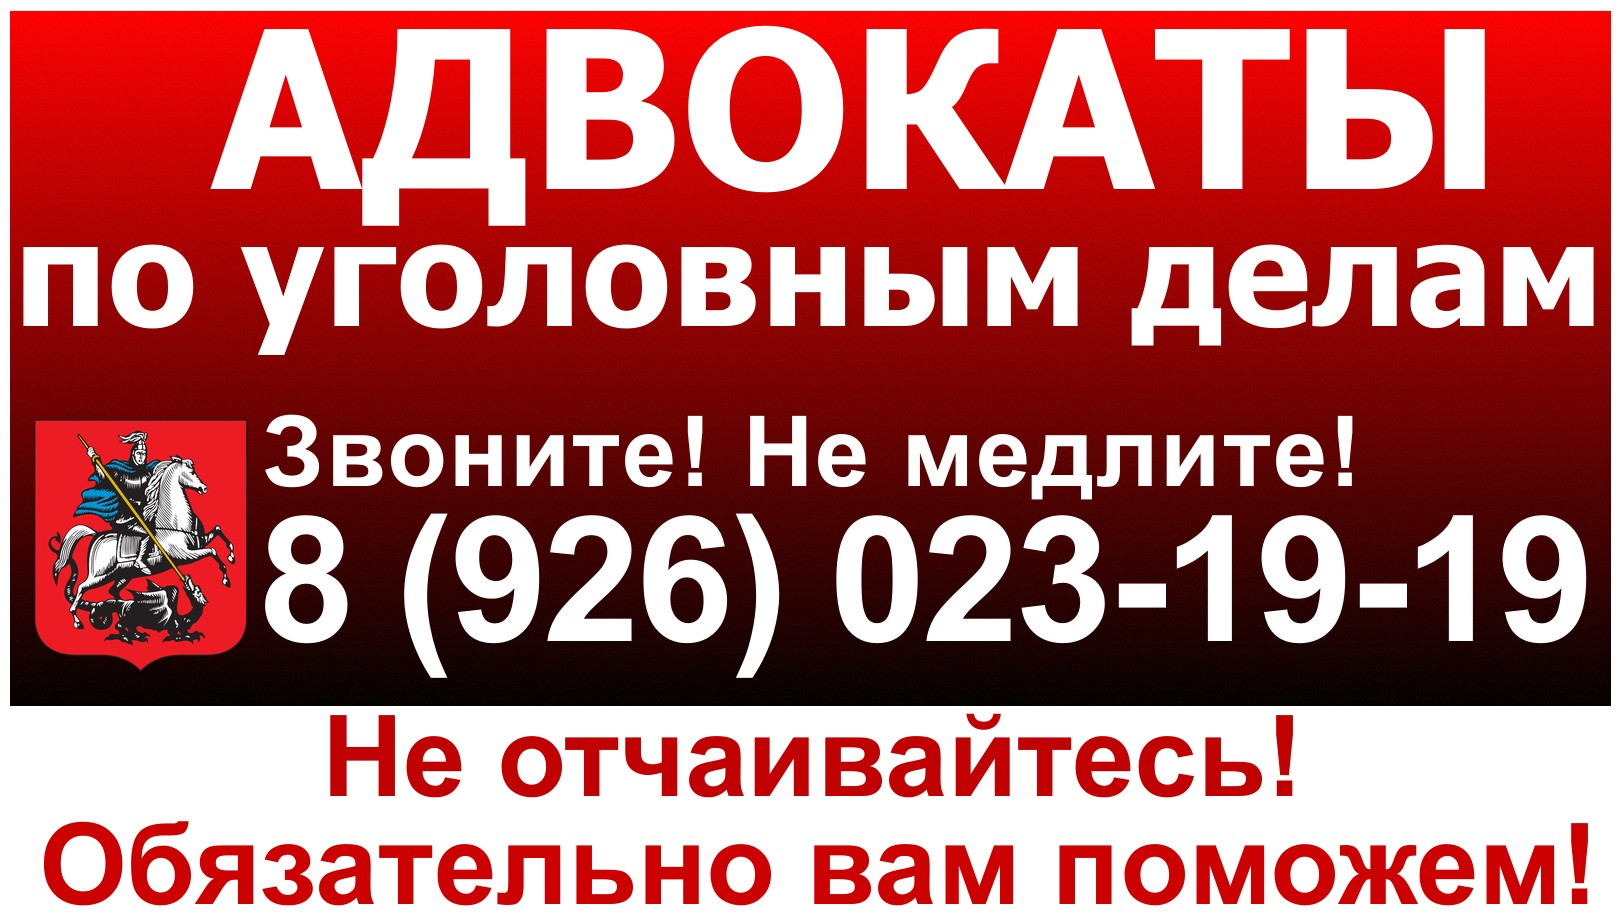 Адвокат по уголовным делам Москва. Уголовный адвокат в Москве